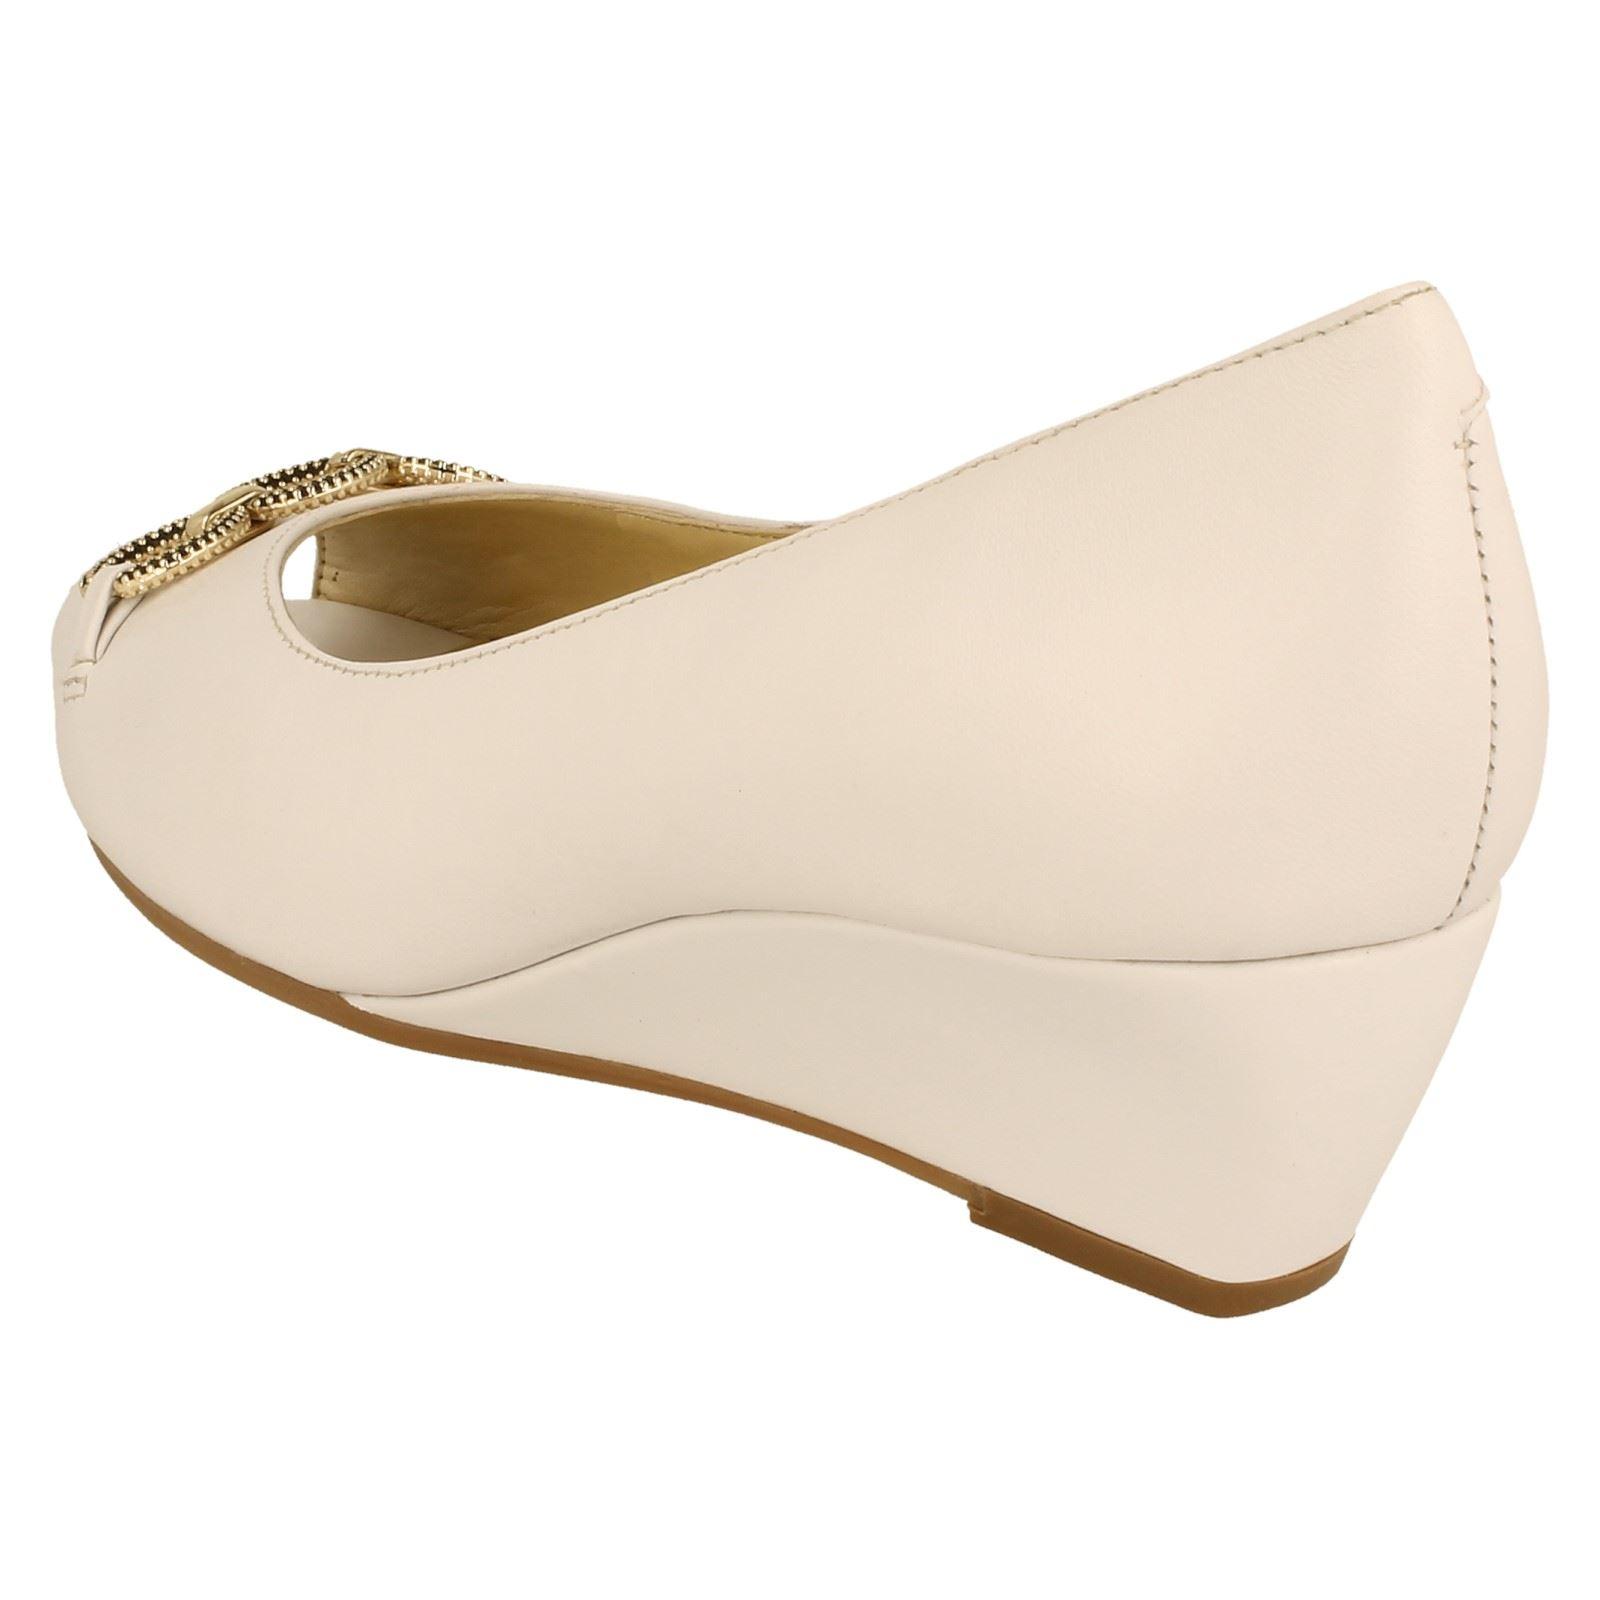 Ladies Peep Van Dal Peep Ladies Toe Wedges Tampa -W b02957